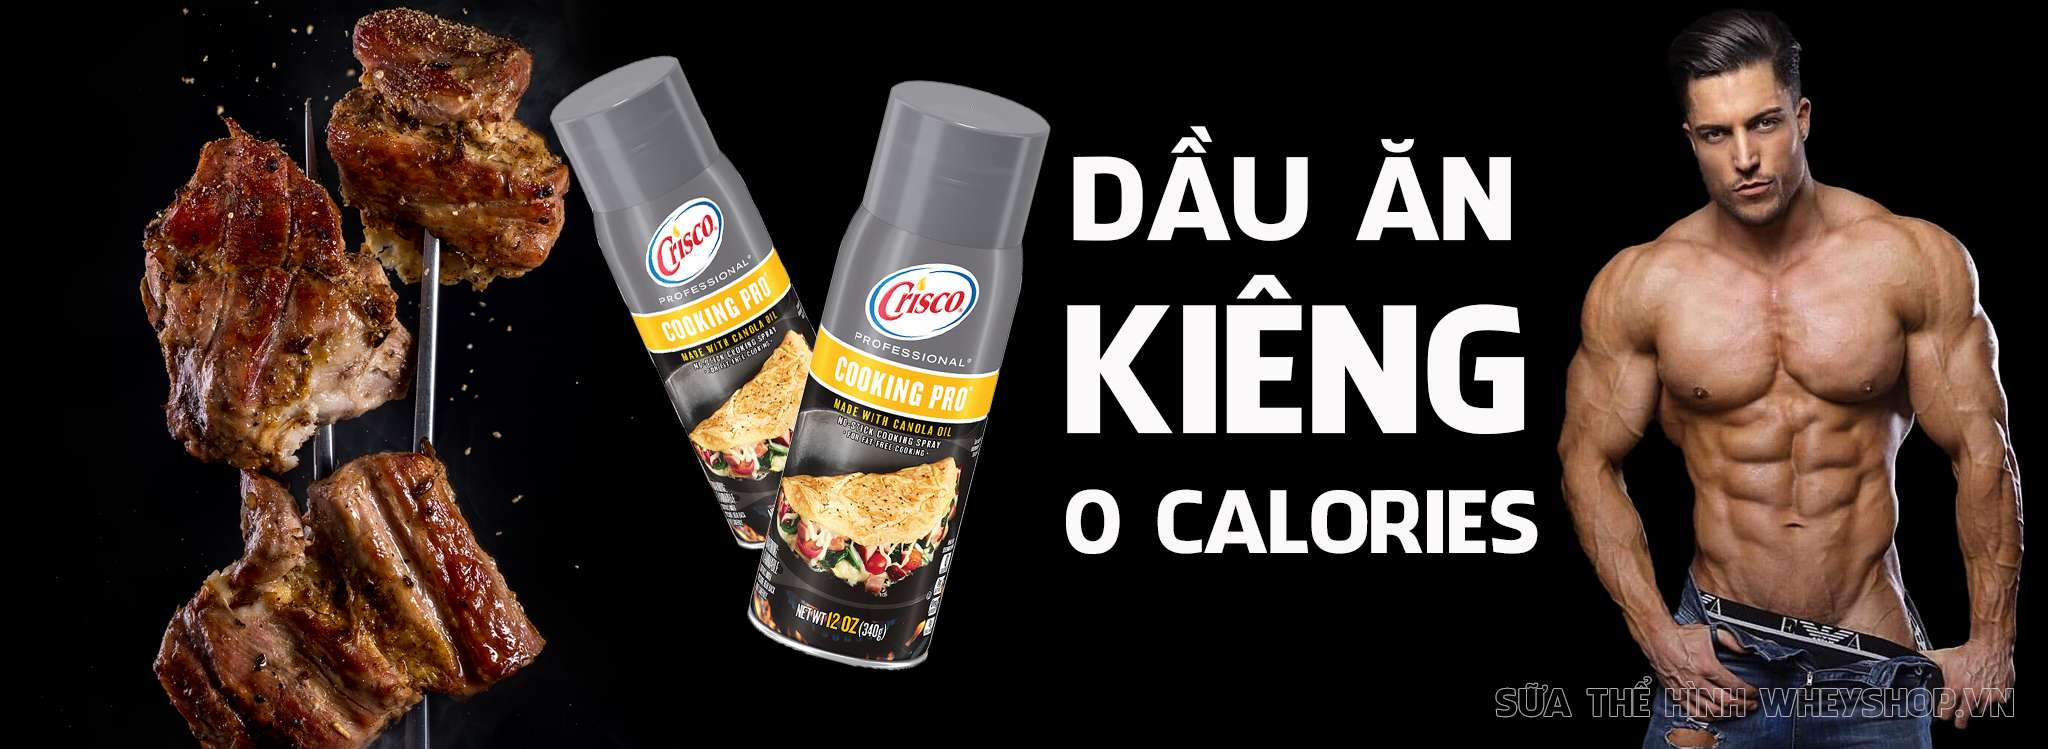 Dầu ăn kiêng dạng xịt Crisco là sản phẩm dầu ăn 0 calories hỗ trợ người ăn kiêng, người tăng cơ giảm mỡ, thoải mái chiên xào nấu mà không sợ béo, dễ sử dụng...